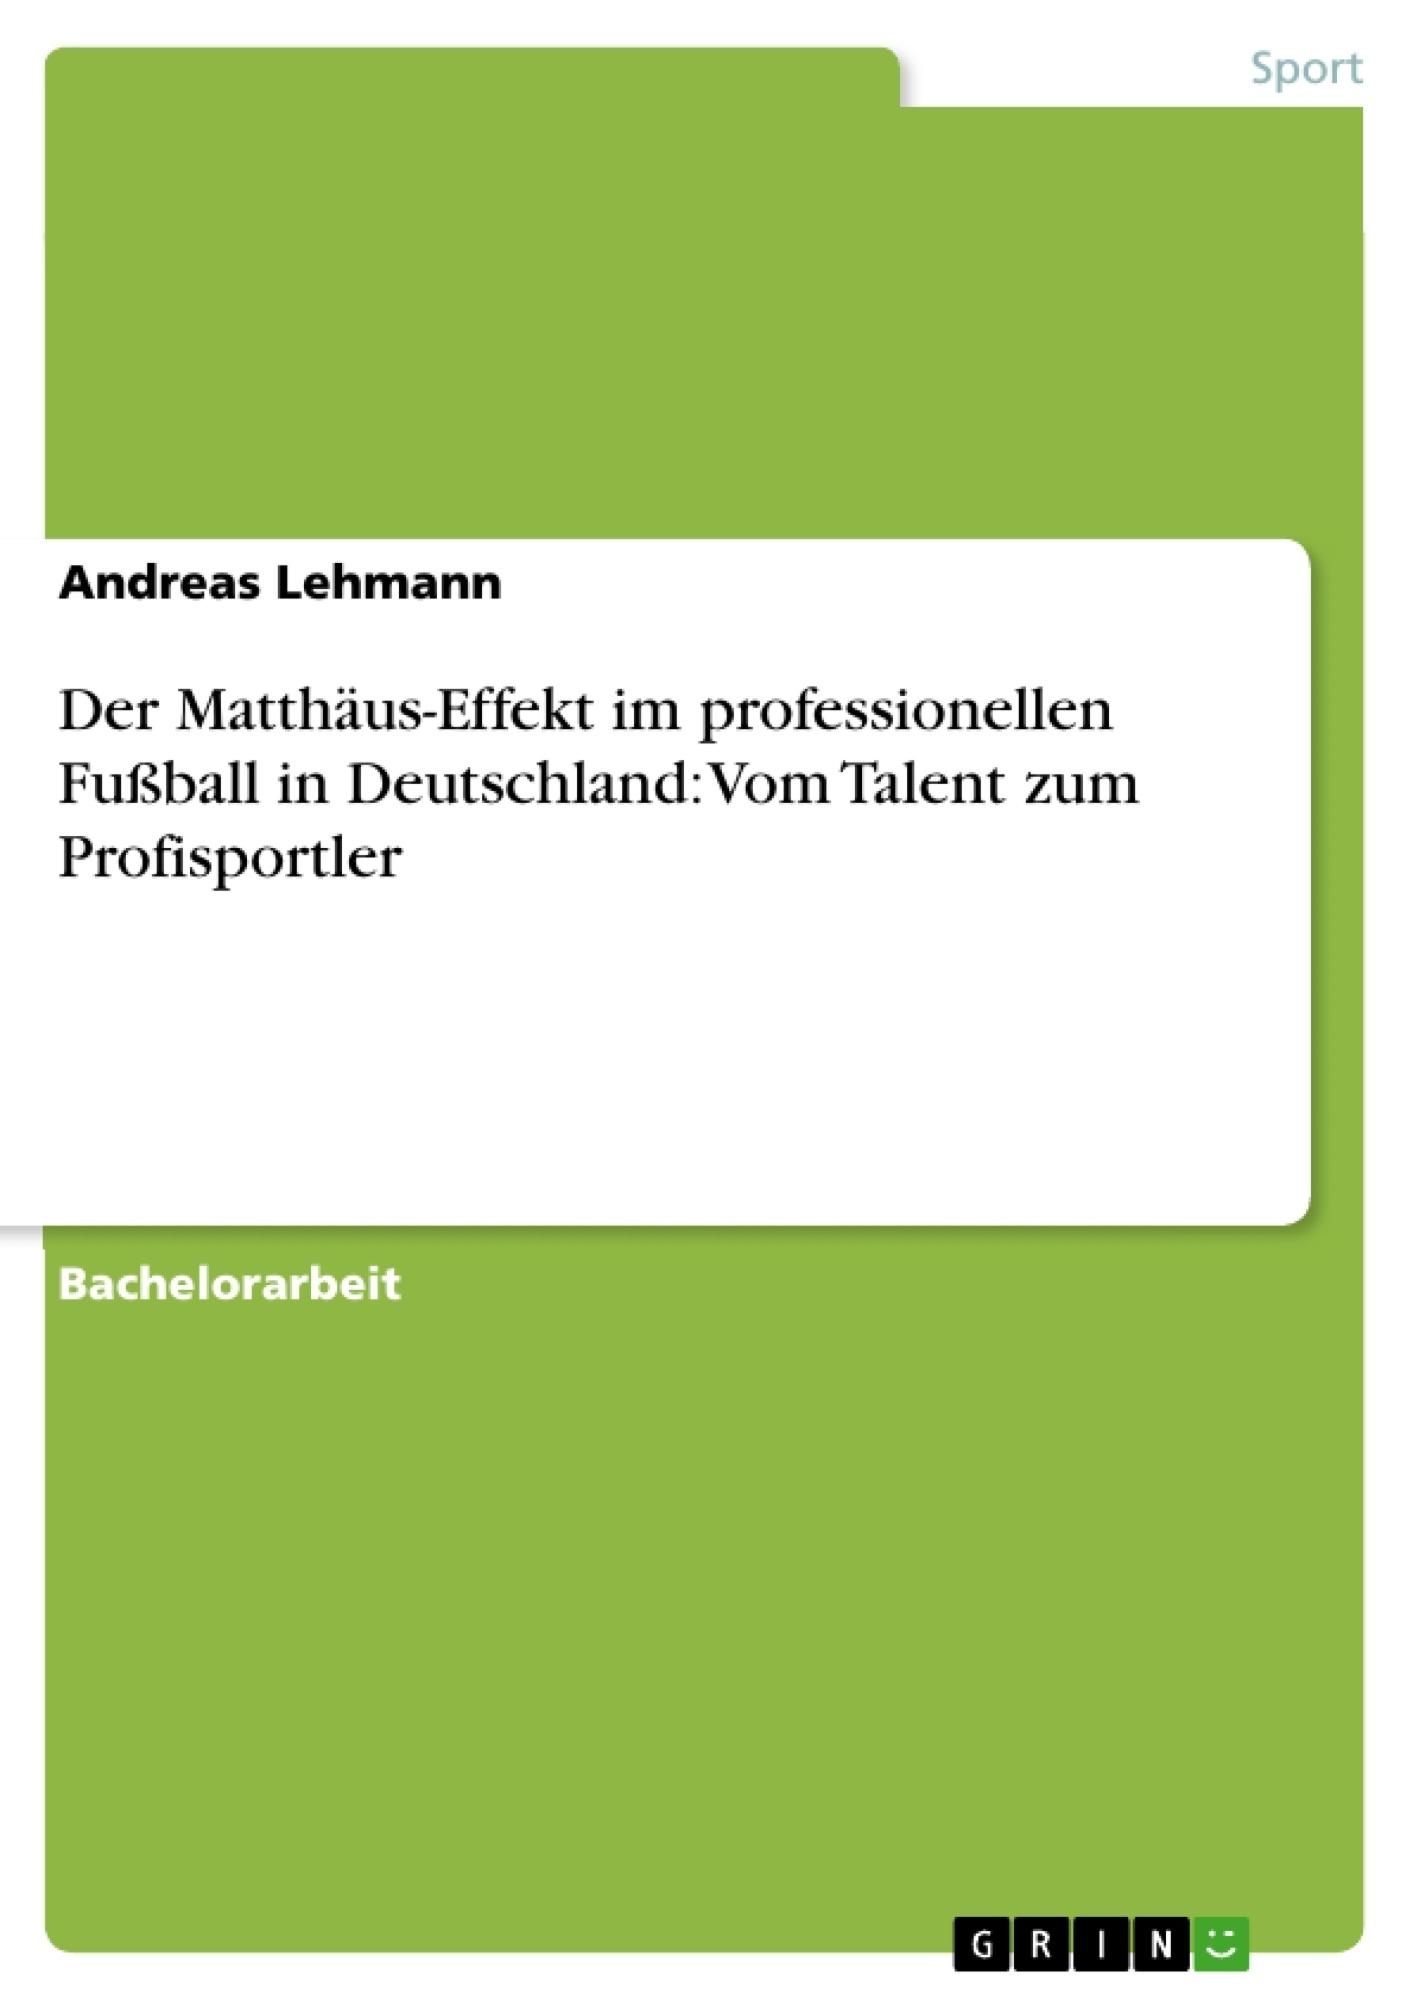 Titel: Der Matthäus-Effekt im professionellen Fußball in Deutschland: Vom Talent zum Profisportler